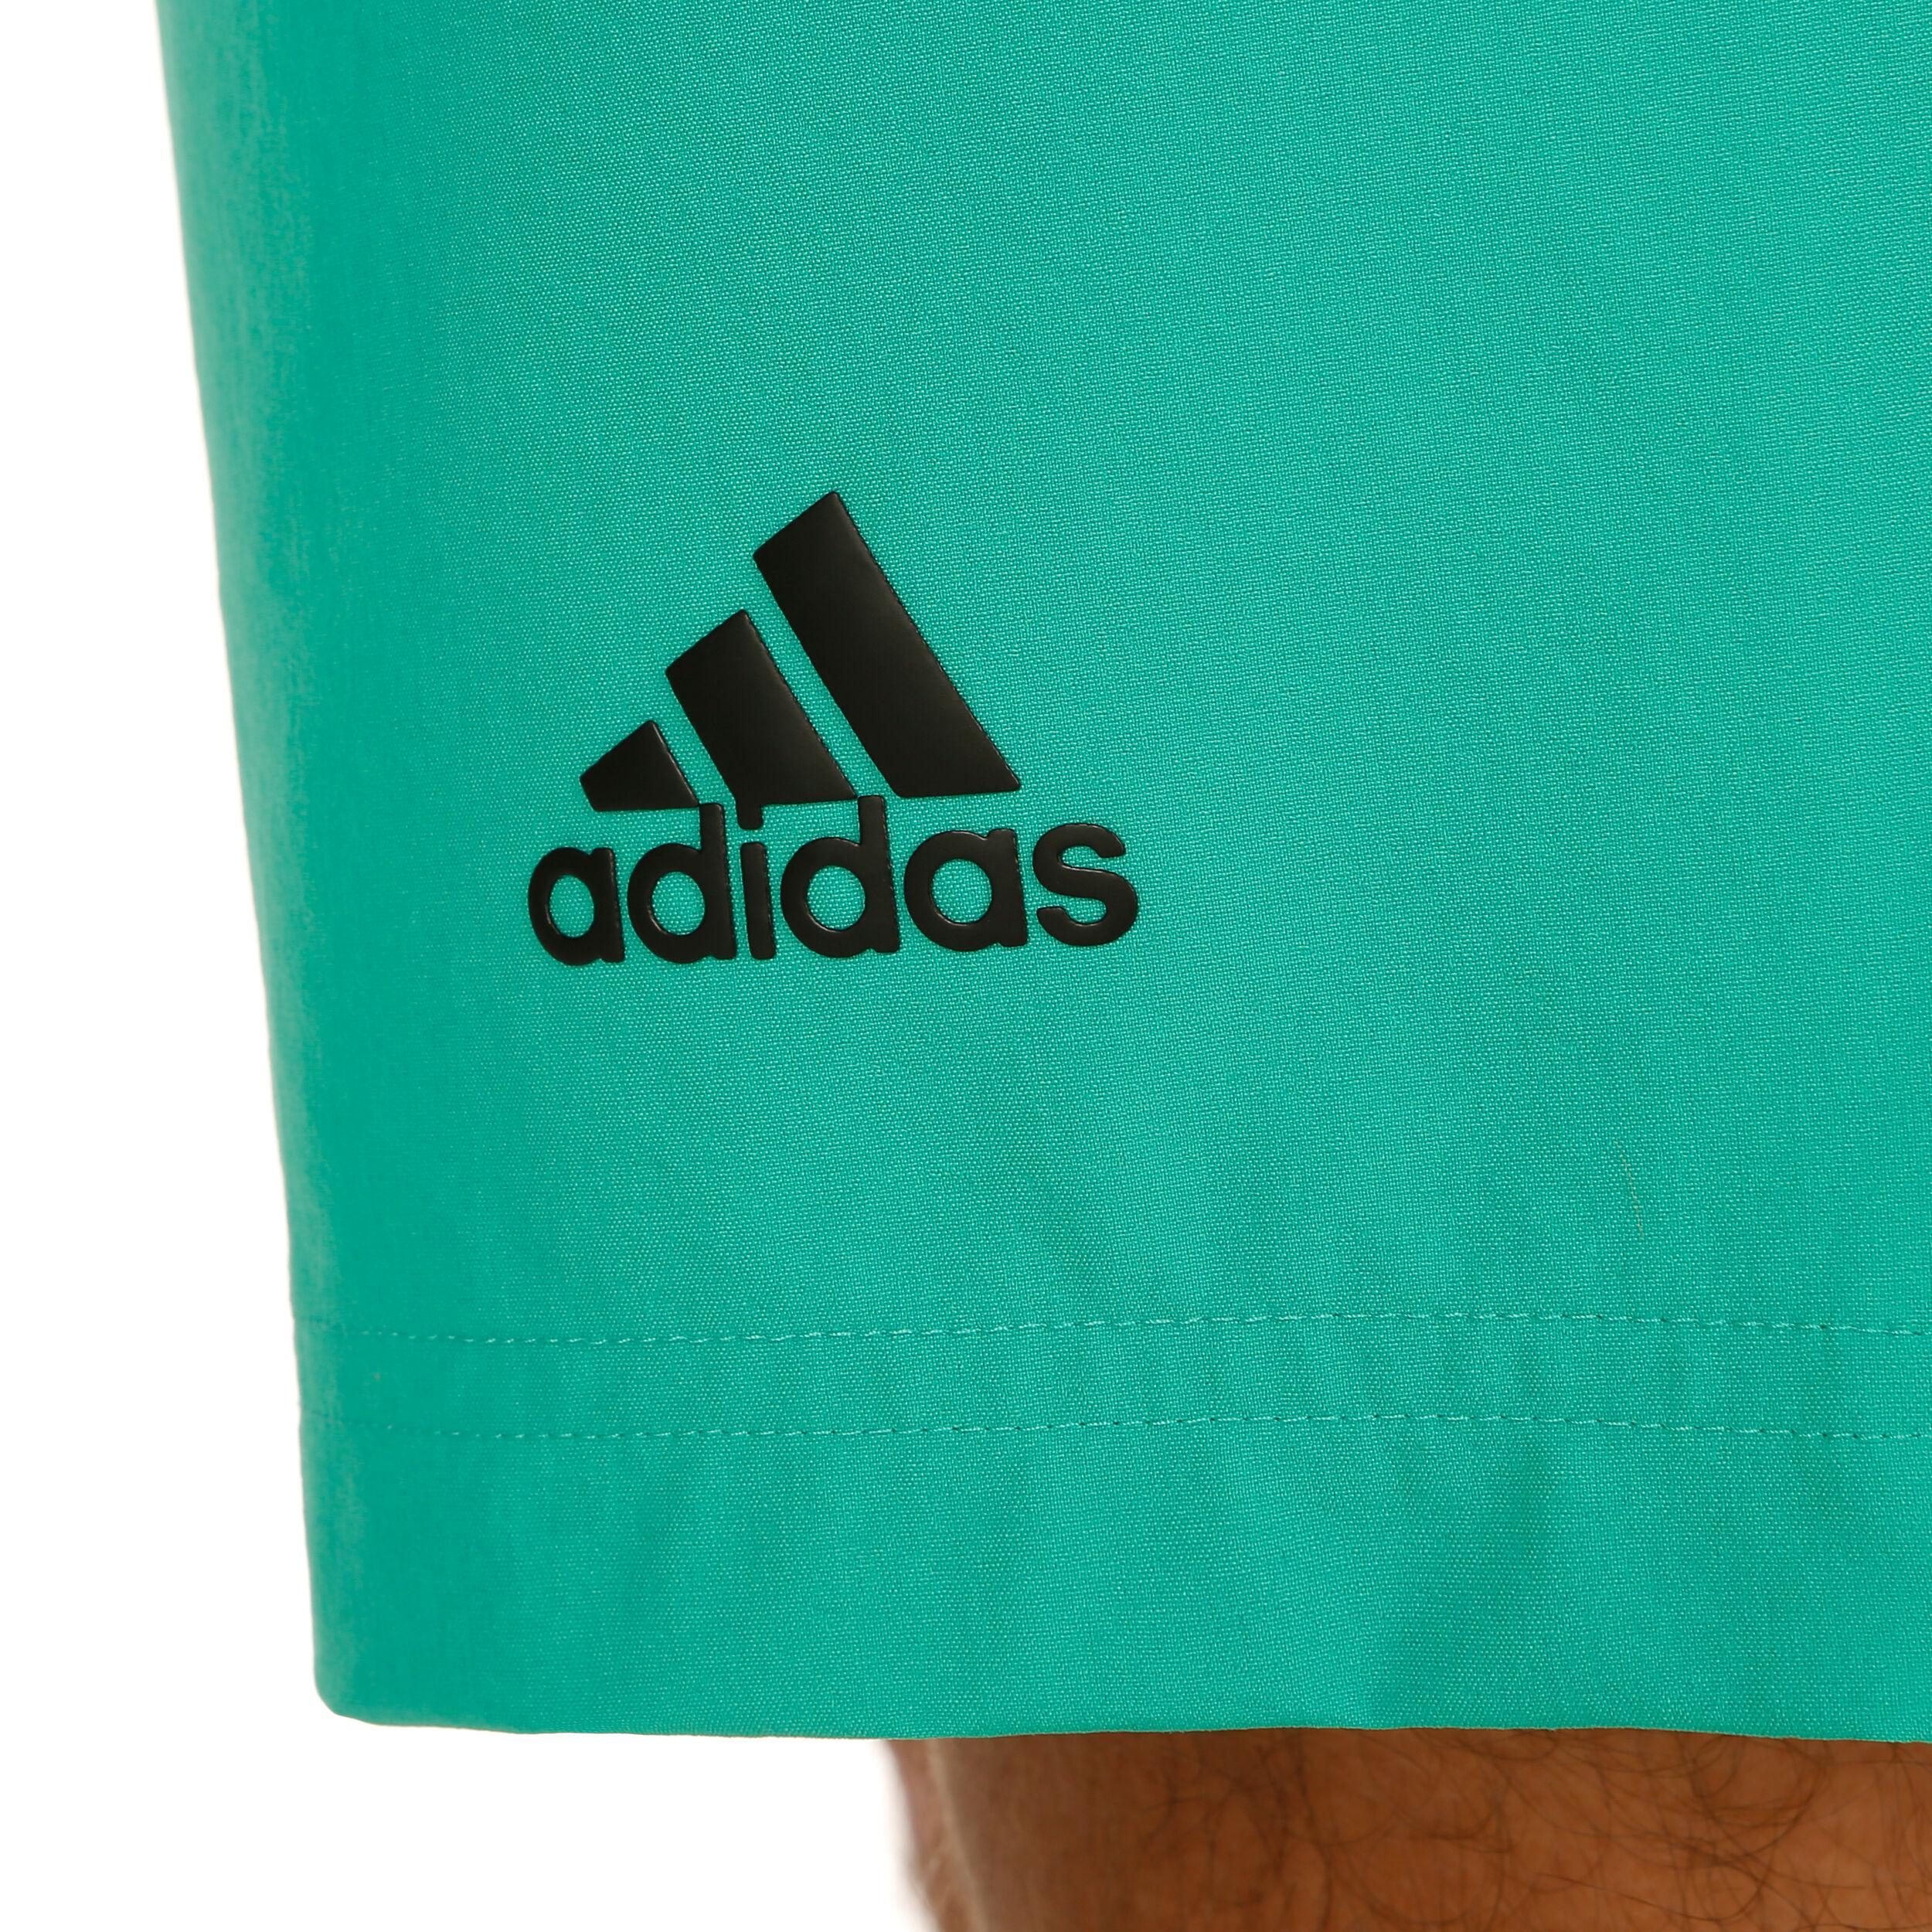 Adidas Garros VertNoir Shorts Acheter Roland Hommes En Ligne UzMVqSp